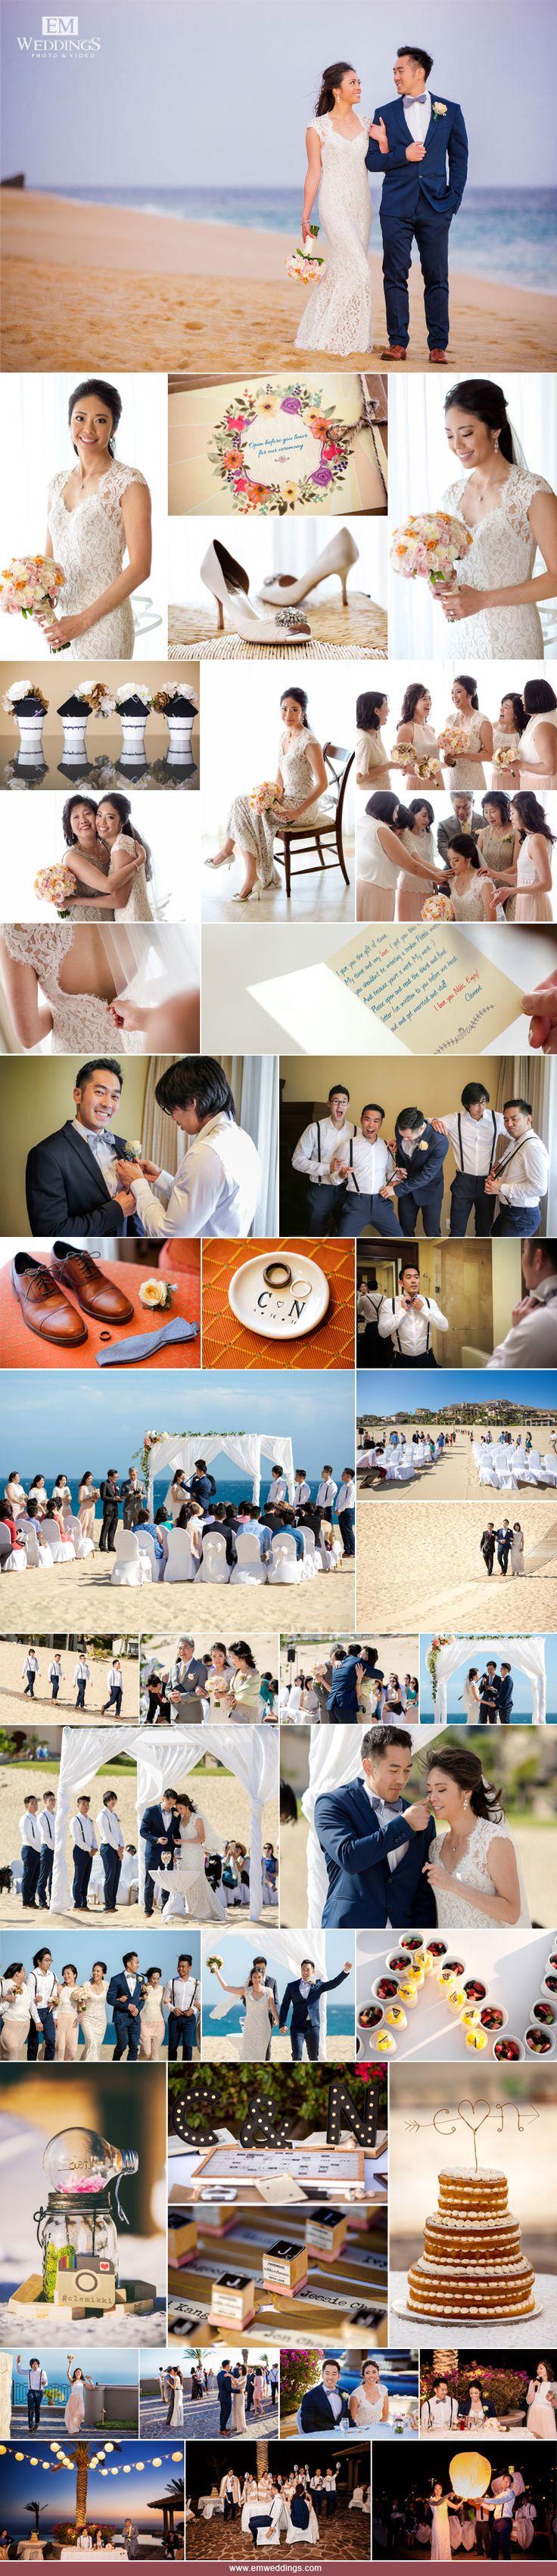 Hotel Pueblo Bonito Sunset Beach, Los Cabos, México - Los Cabos Wedding Photographer. #emweddingsphotography #destinationweddings